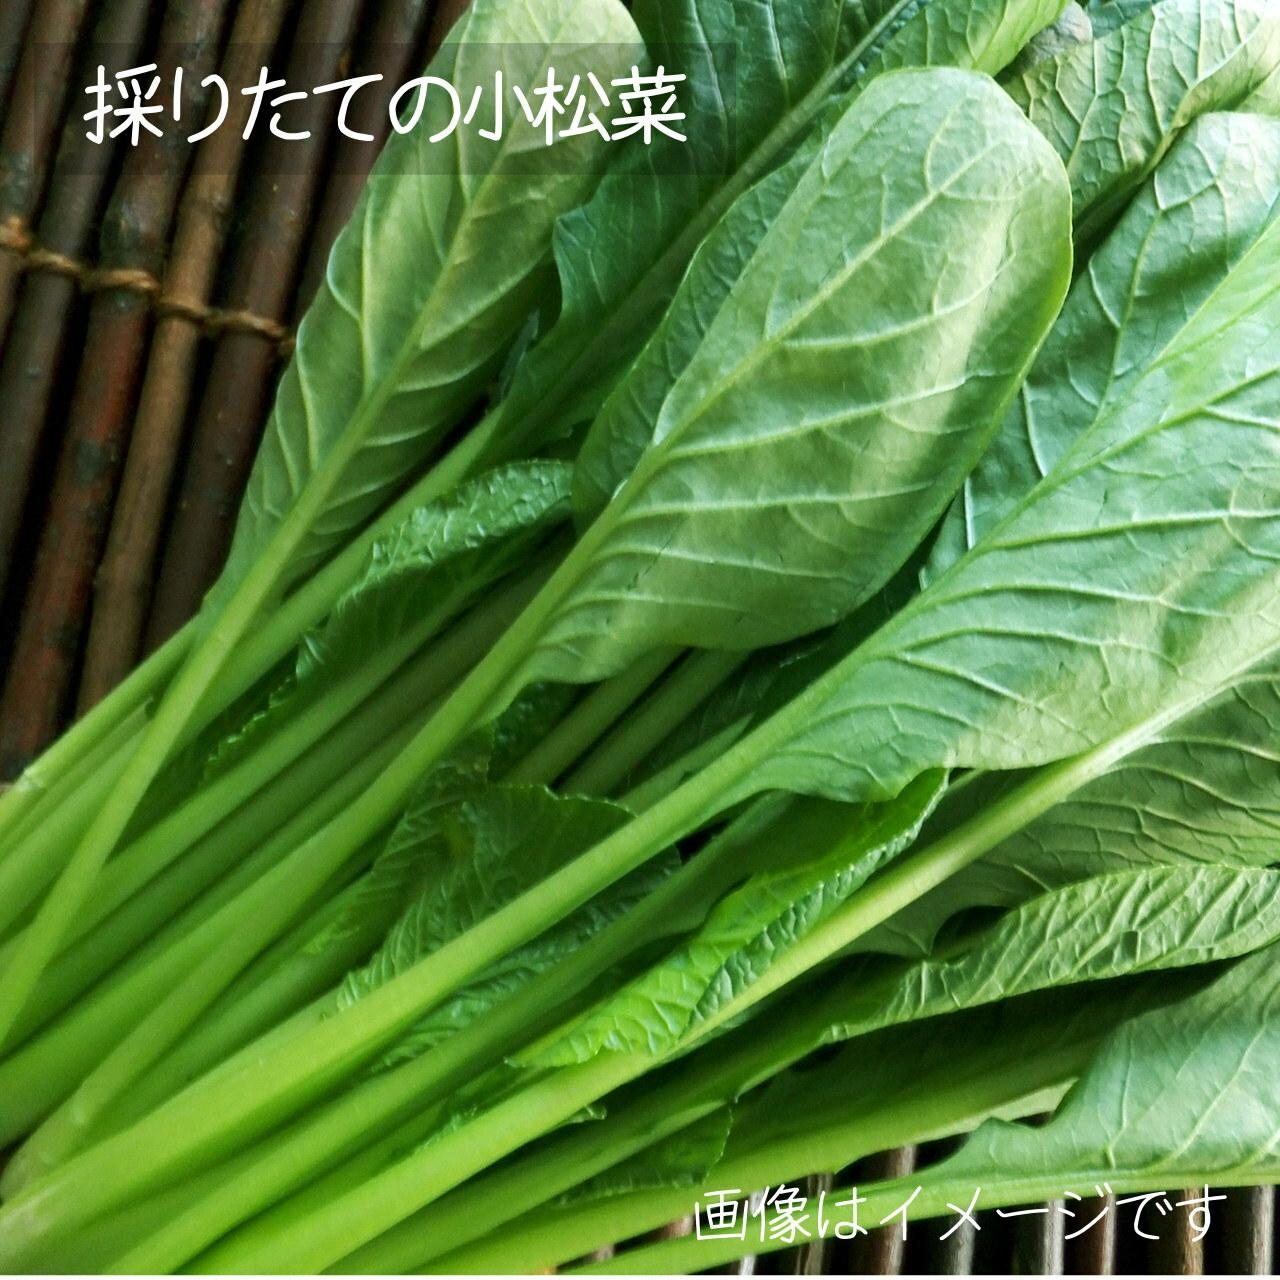 春の新鮮野菜 小松菜 約400g 5月の朝採り直売野菜 5月9日発送予定